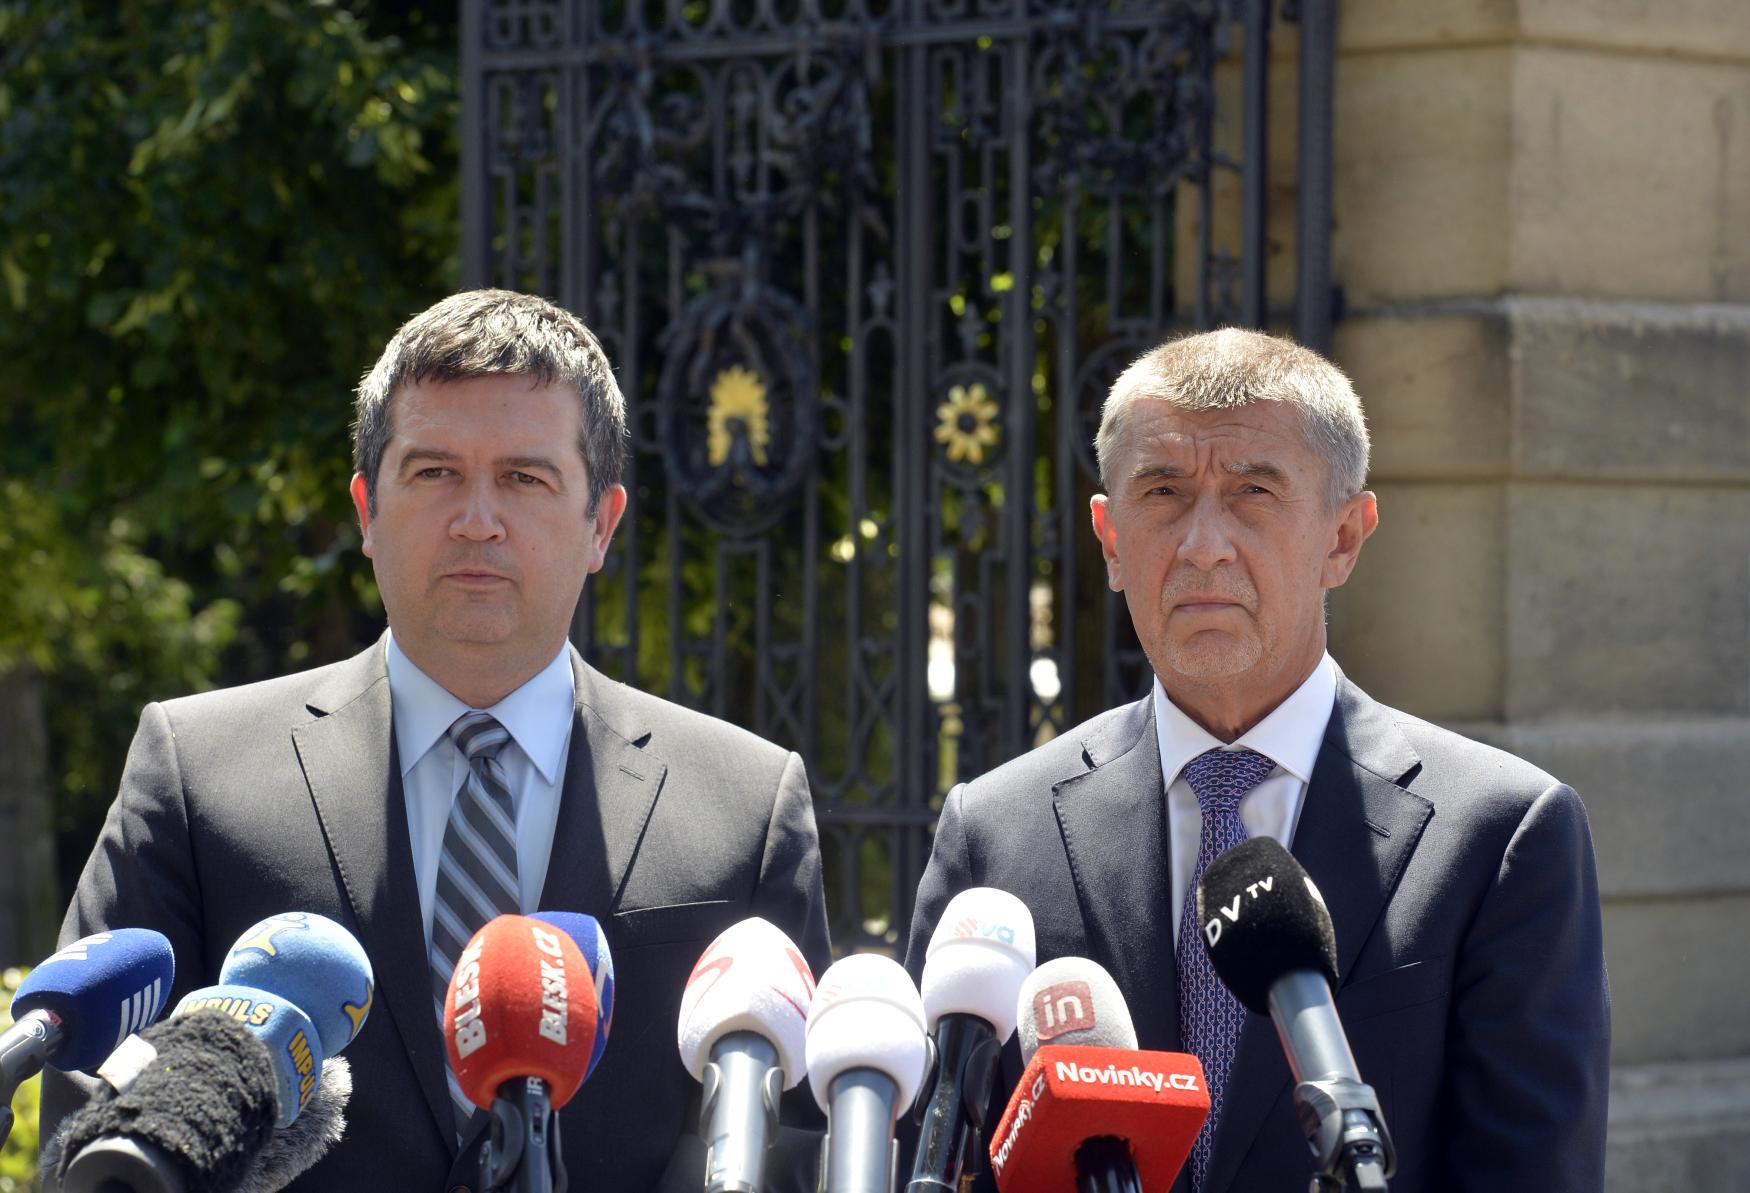 Prezident Miloš Zeman se definitivně nevyjádřil k nominaci Michala Šmardy (ČSSD) na ministra kultury. Po schůzce s hlavou státu a předsedou ČSSD a ministrem vnitra Janem Hamáčkem (vlevo) to řekl premiér a šéf hnutí ANO Andrej Babiš (vpravo)